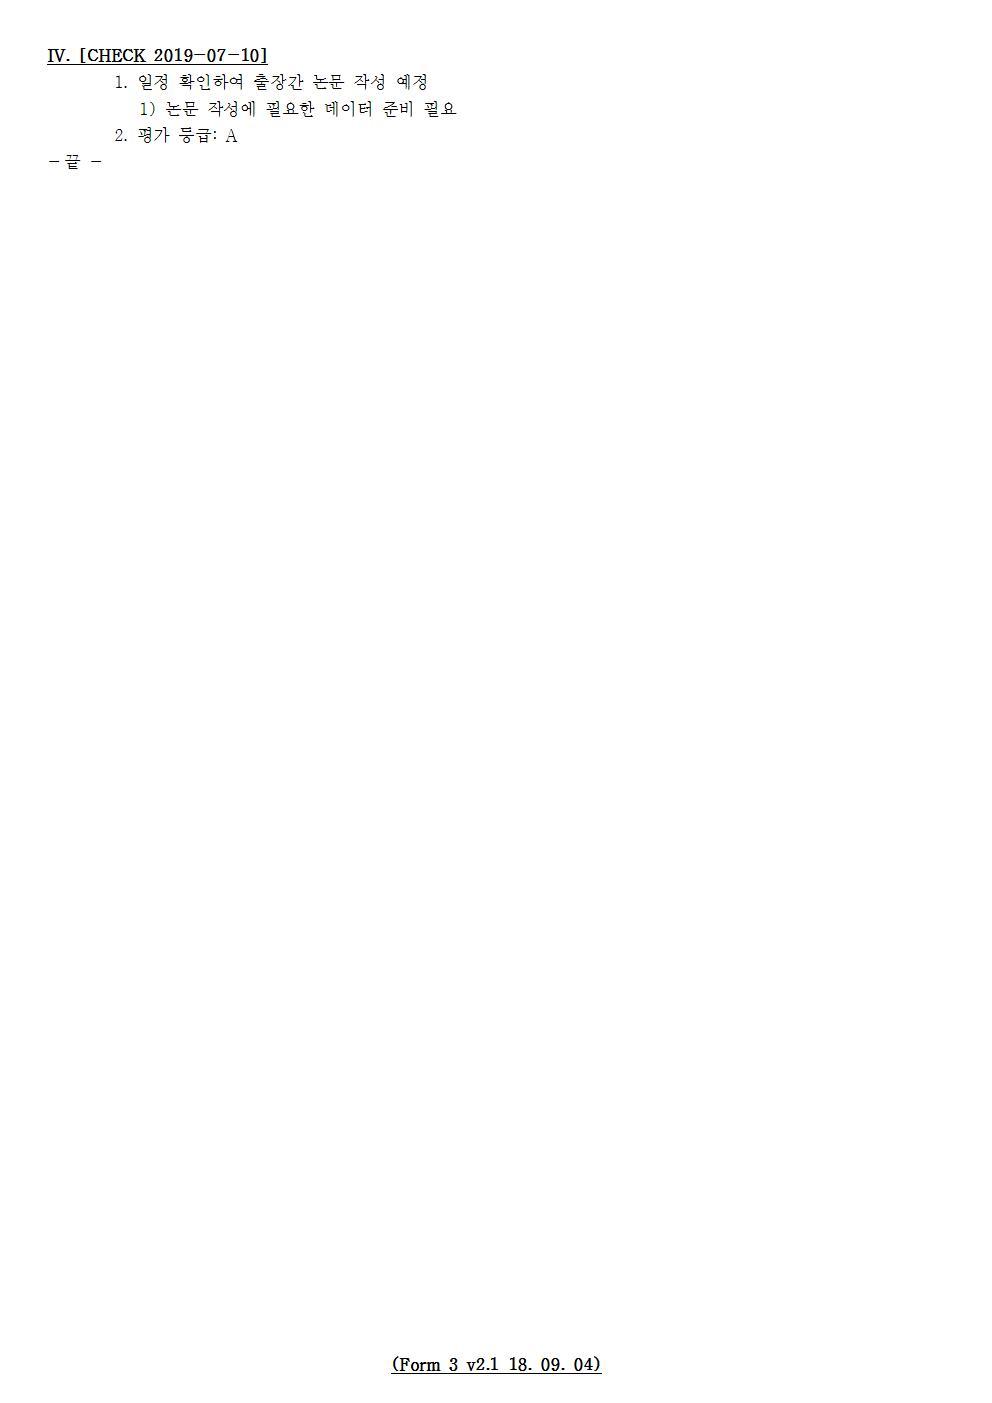 D-[19-009-PP-01]-[[Conf] PoEM 2019]-[2019-07-10][JS]-[19-7-2]-[P+D+C]002.jpg